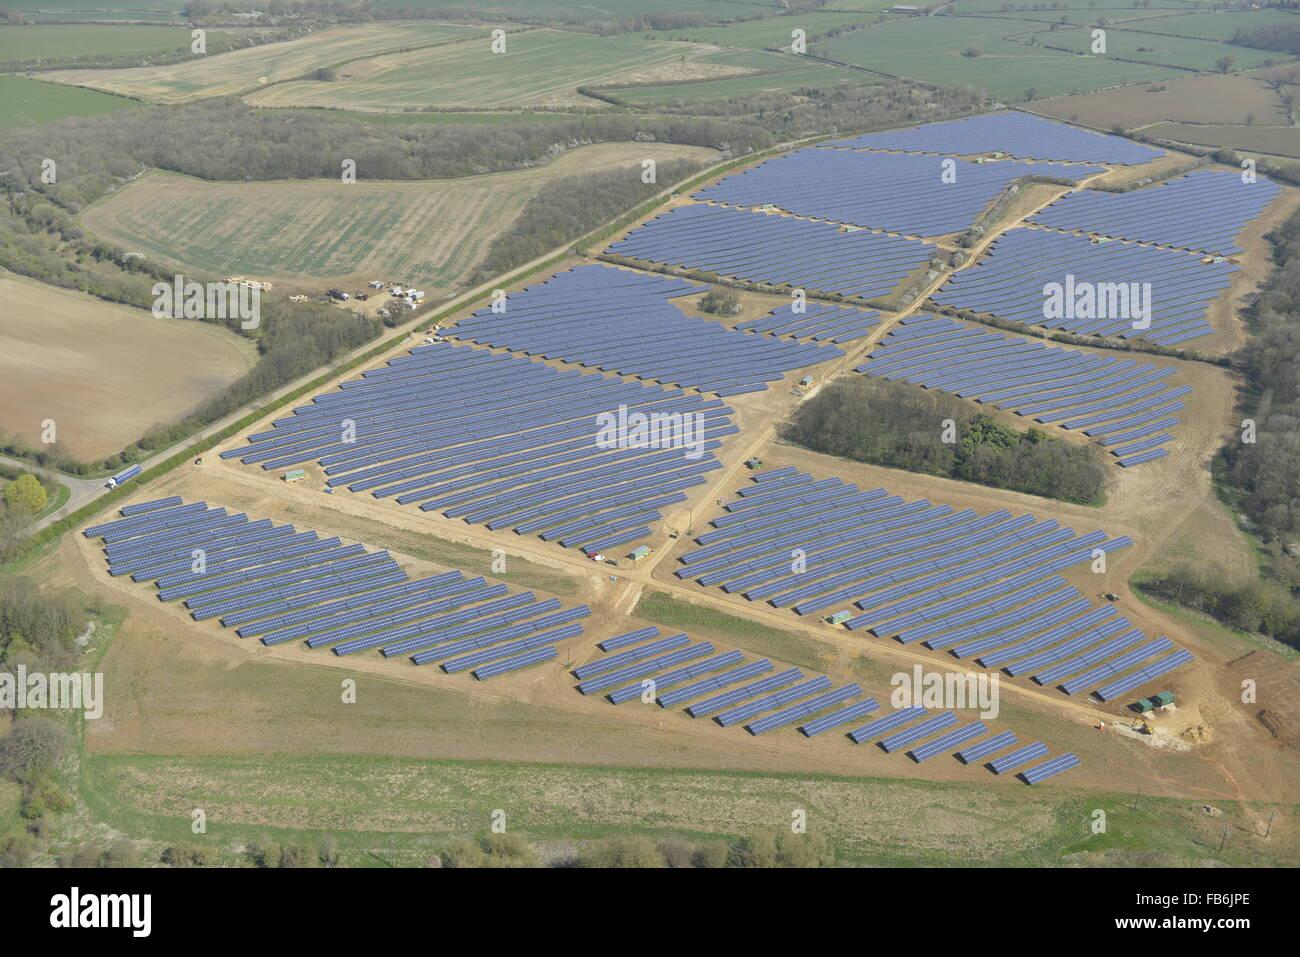 Une vue aérienne d'une ferme solaire dans le Leicestershire Photo Stock